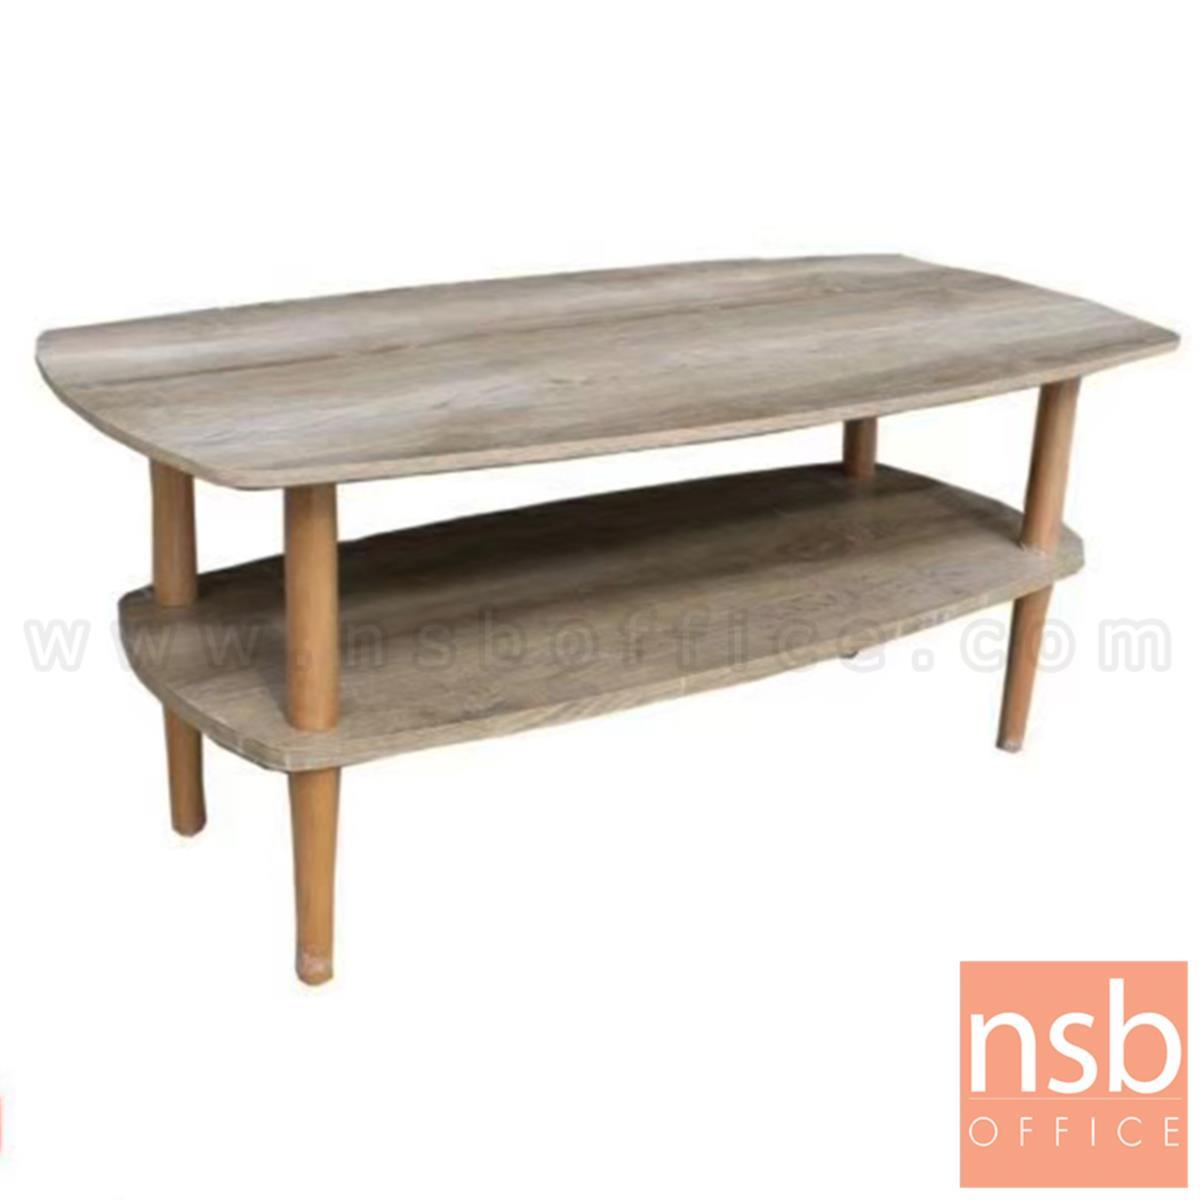 B13A293:โต๊ะกลางไม้ลามิเนต รุ่น Wiggins (วิกกิ้นส์) ขนาด 100W cm. ขาไม้